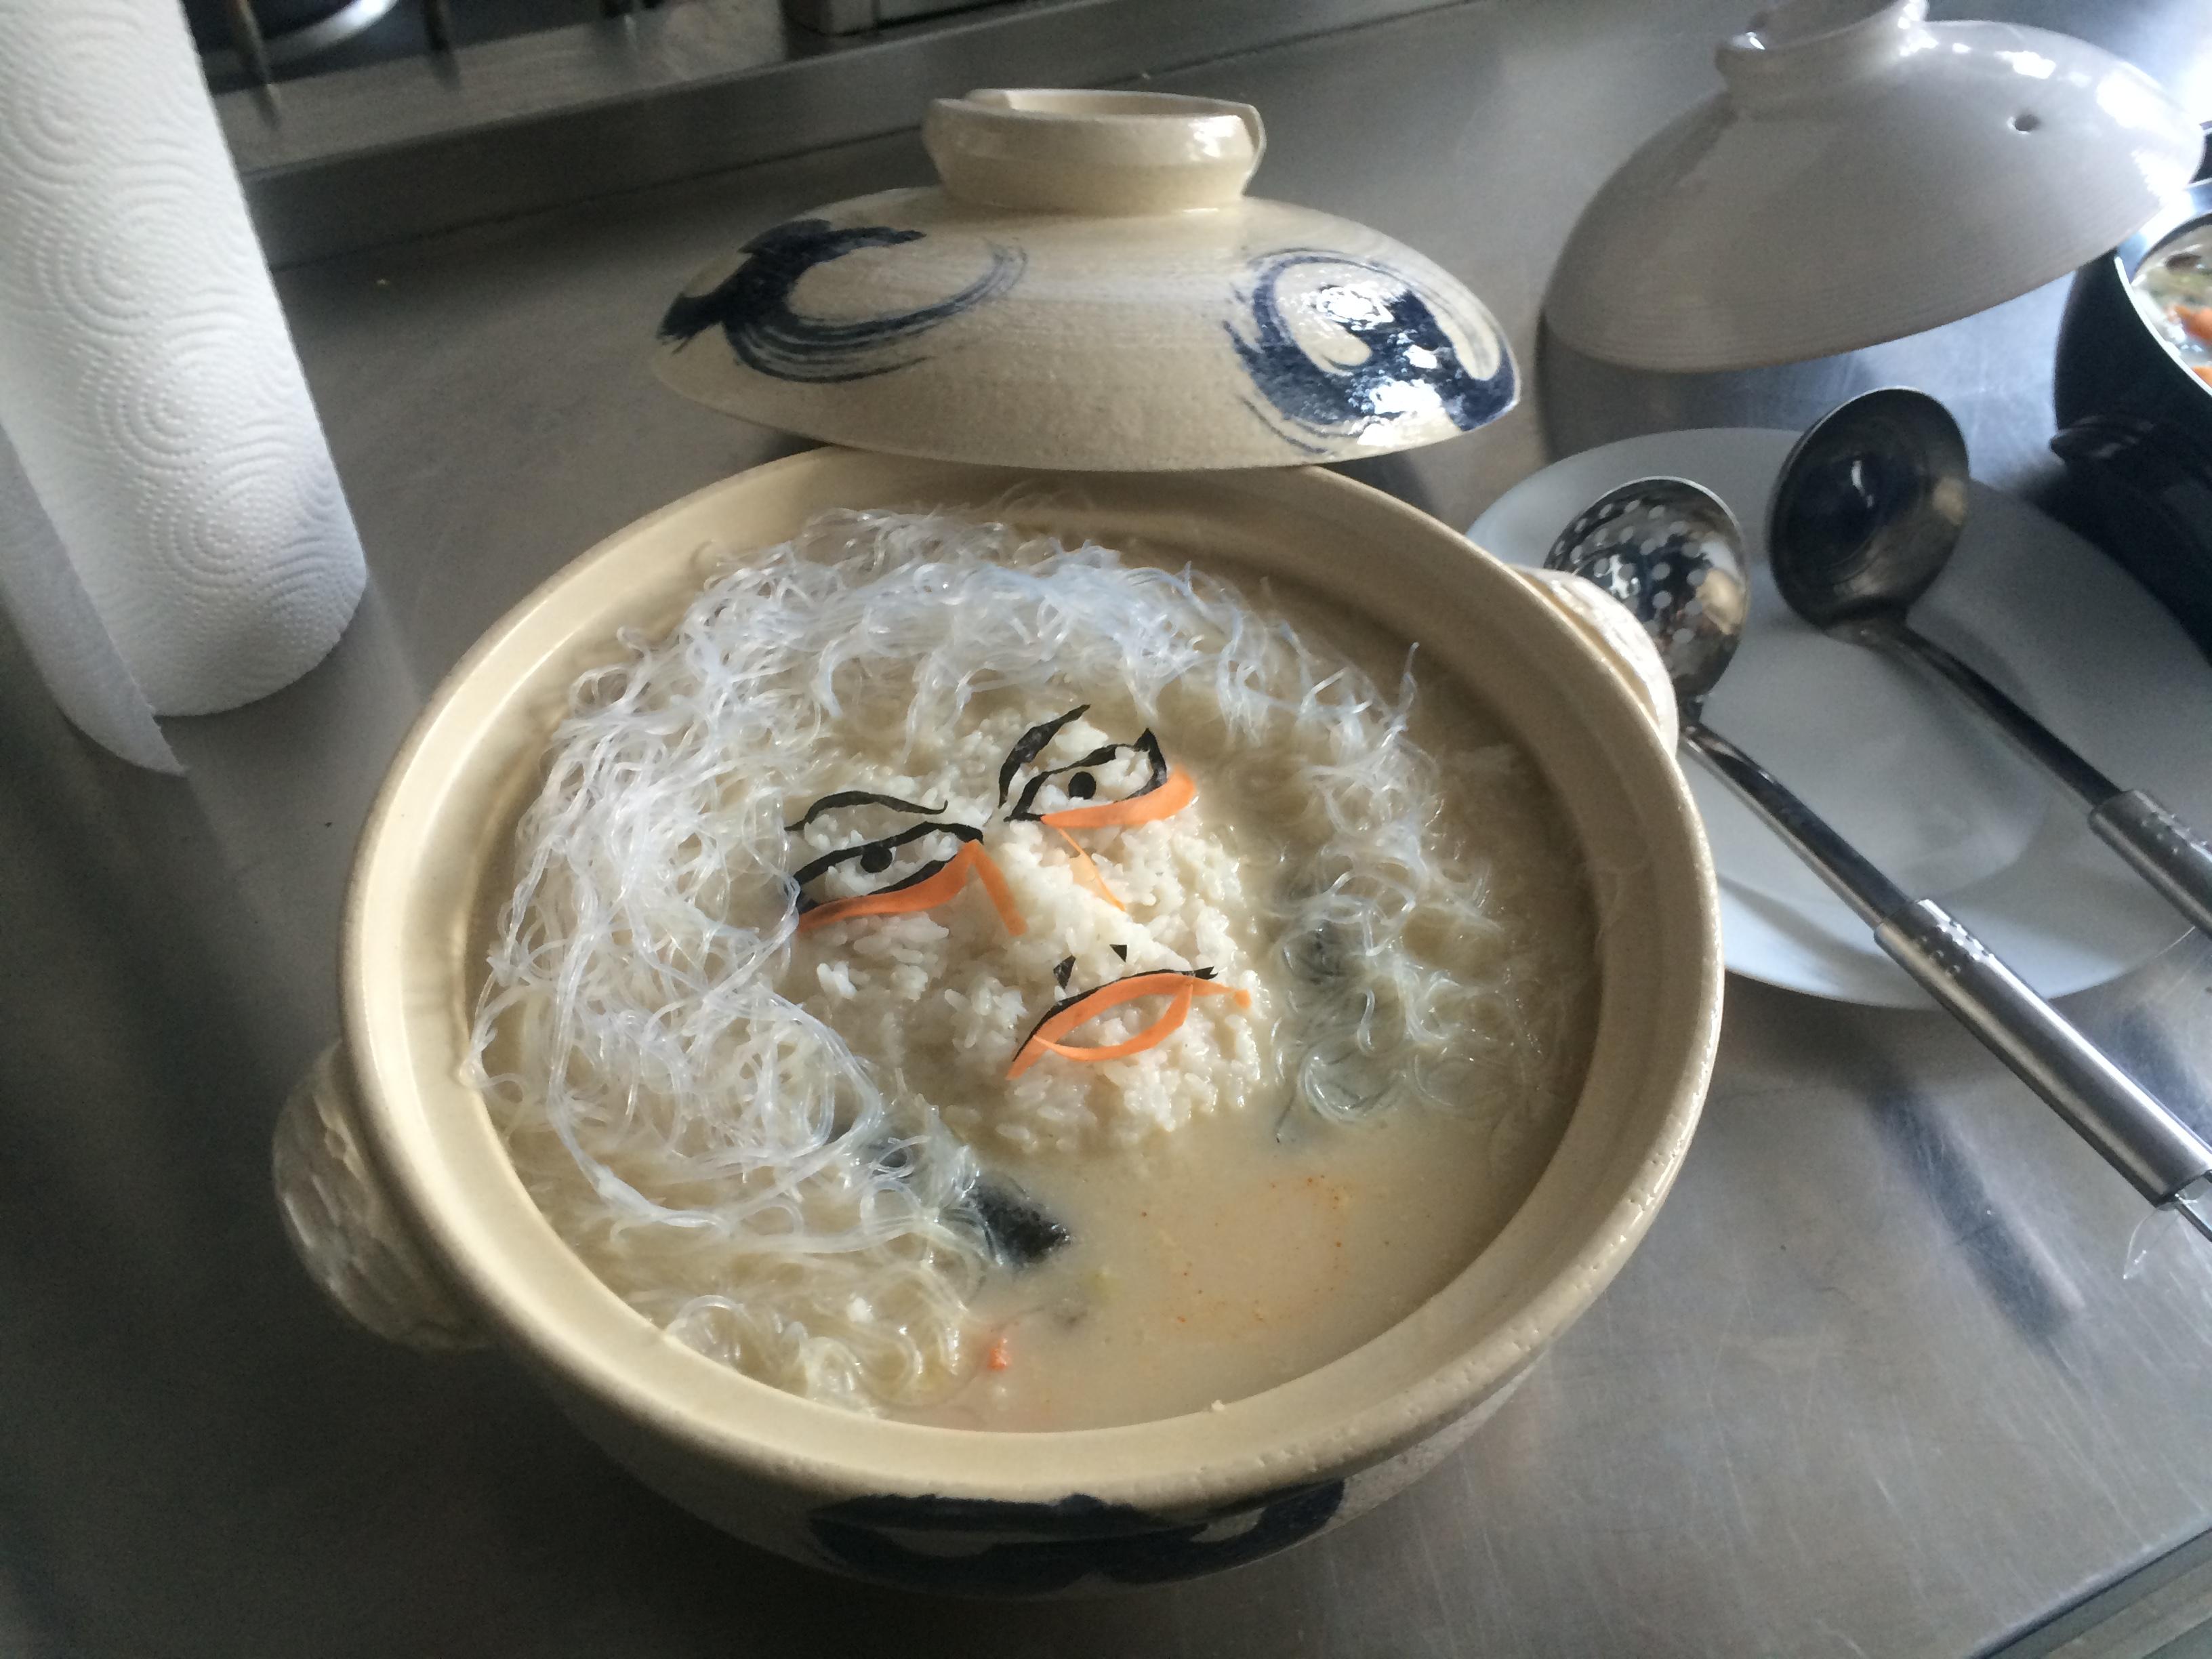 Japan host's breakfast